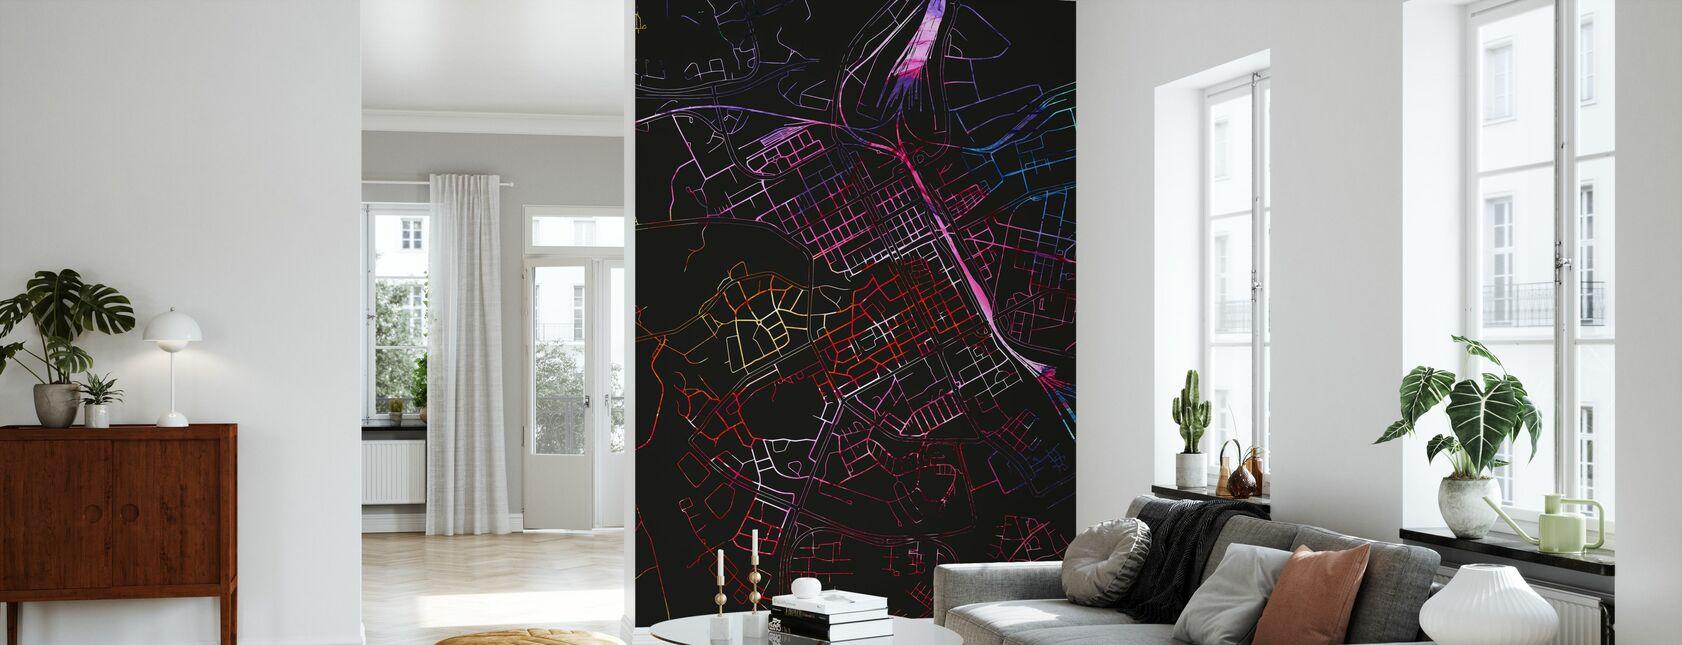 Gävle in Schweden - Karte - Tapete - Wohnzimmer